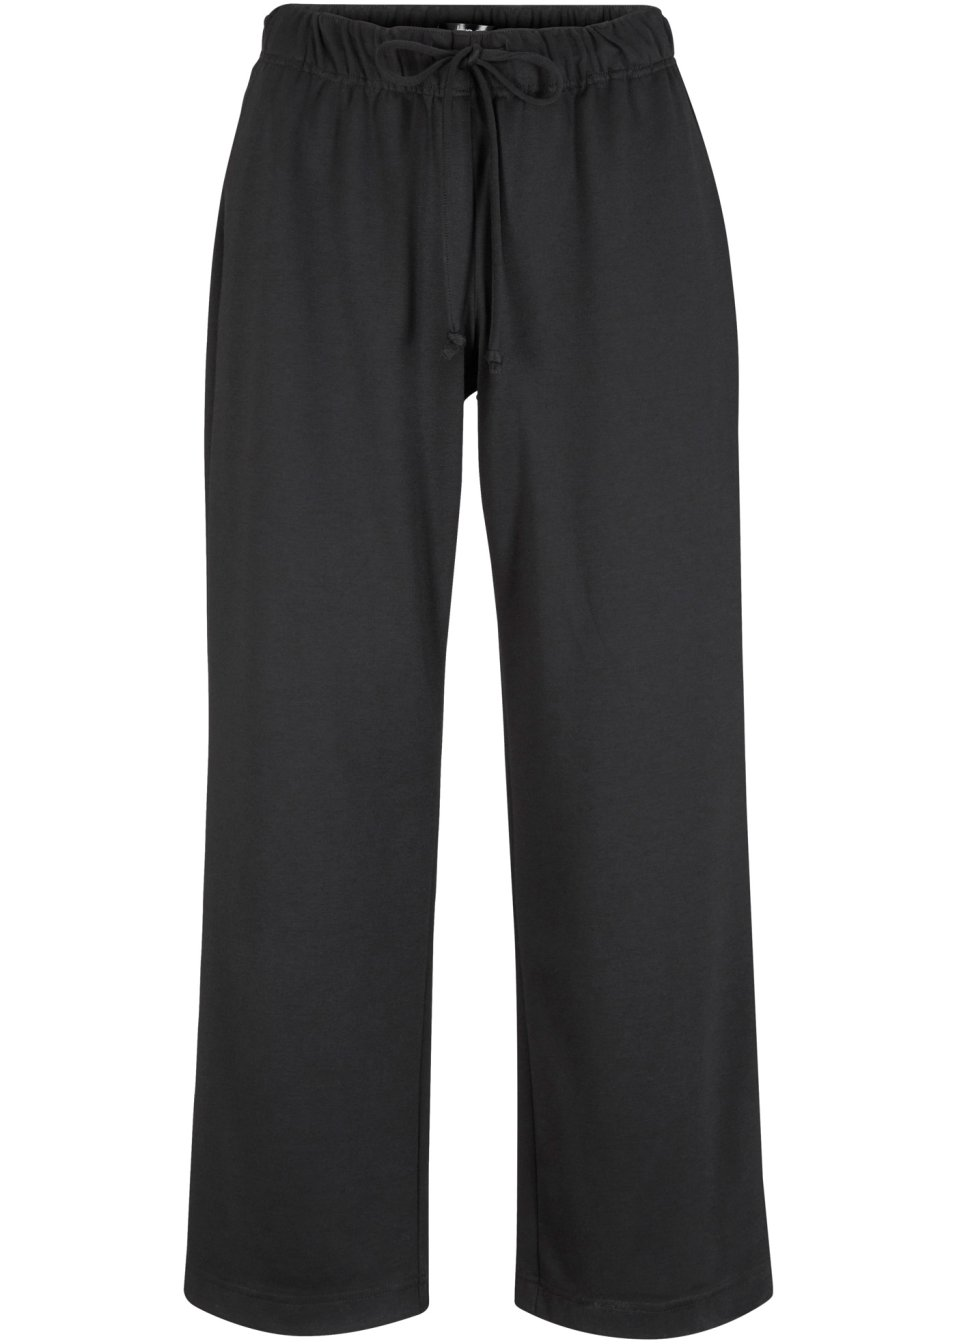 Komfortable Hose in 7/8 Länge und elastischem Bund - schwarz oFrgh 9hEAt